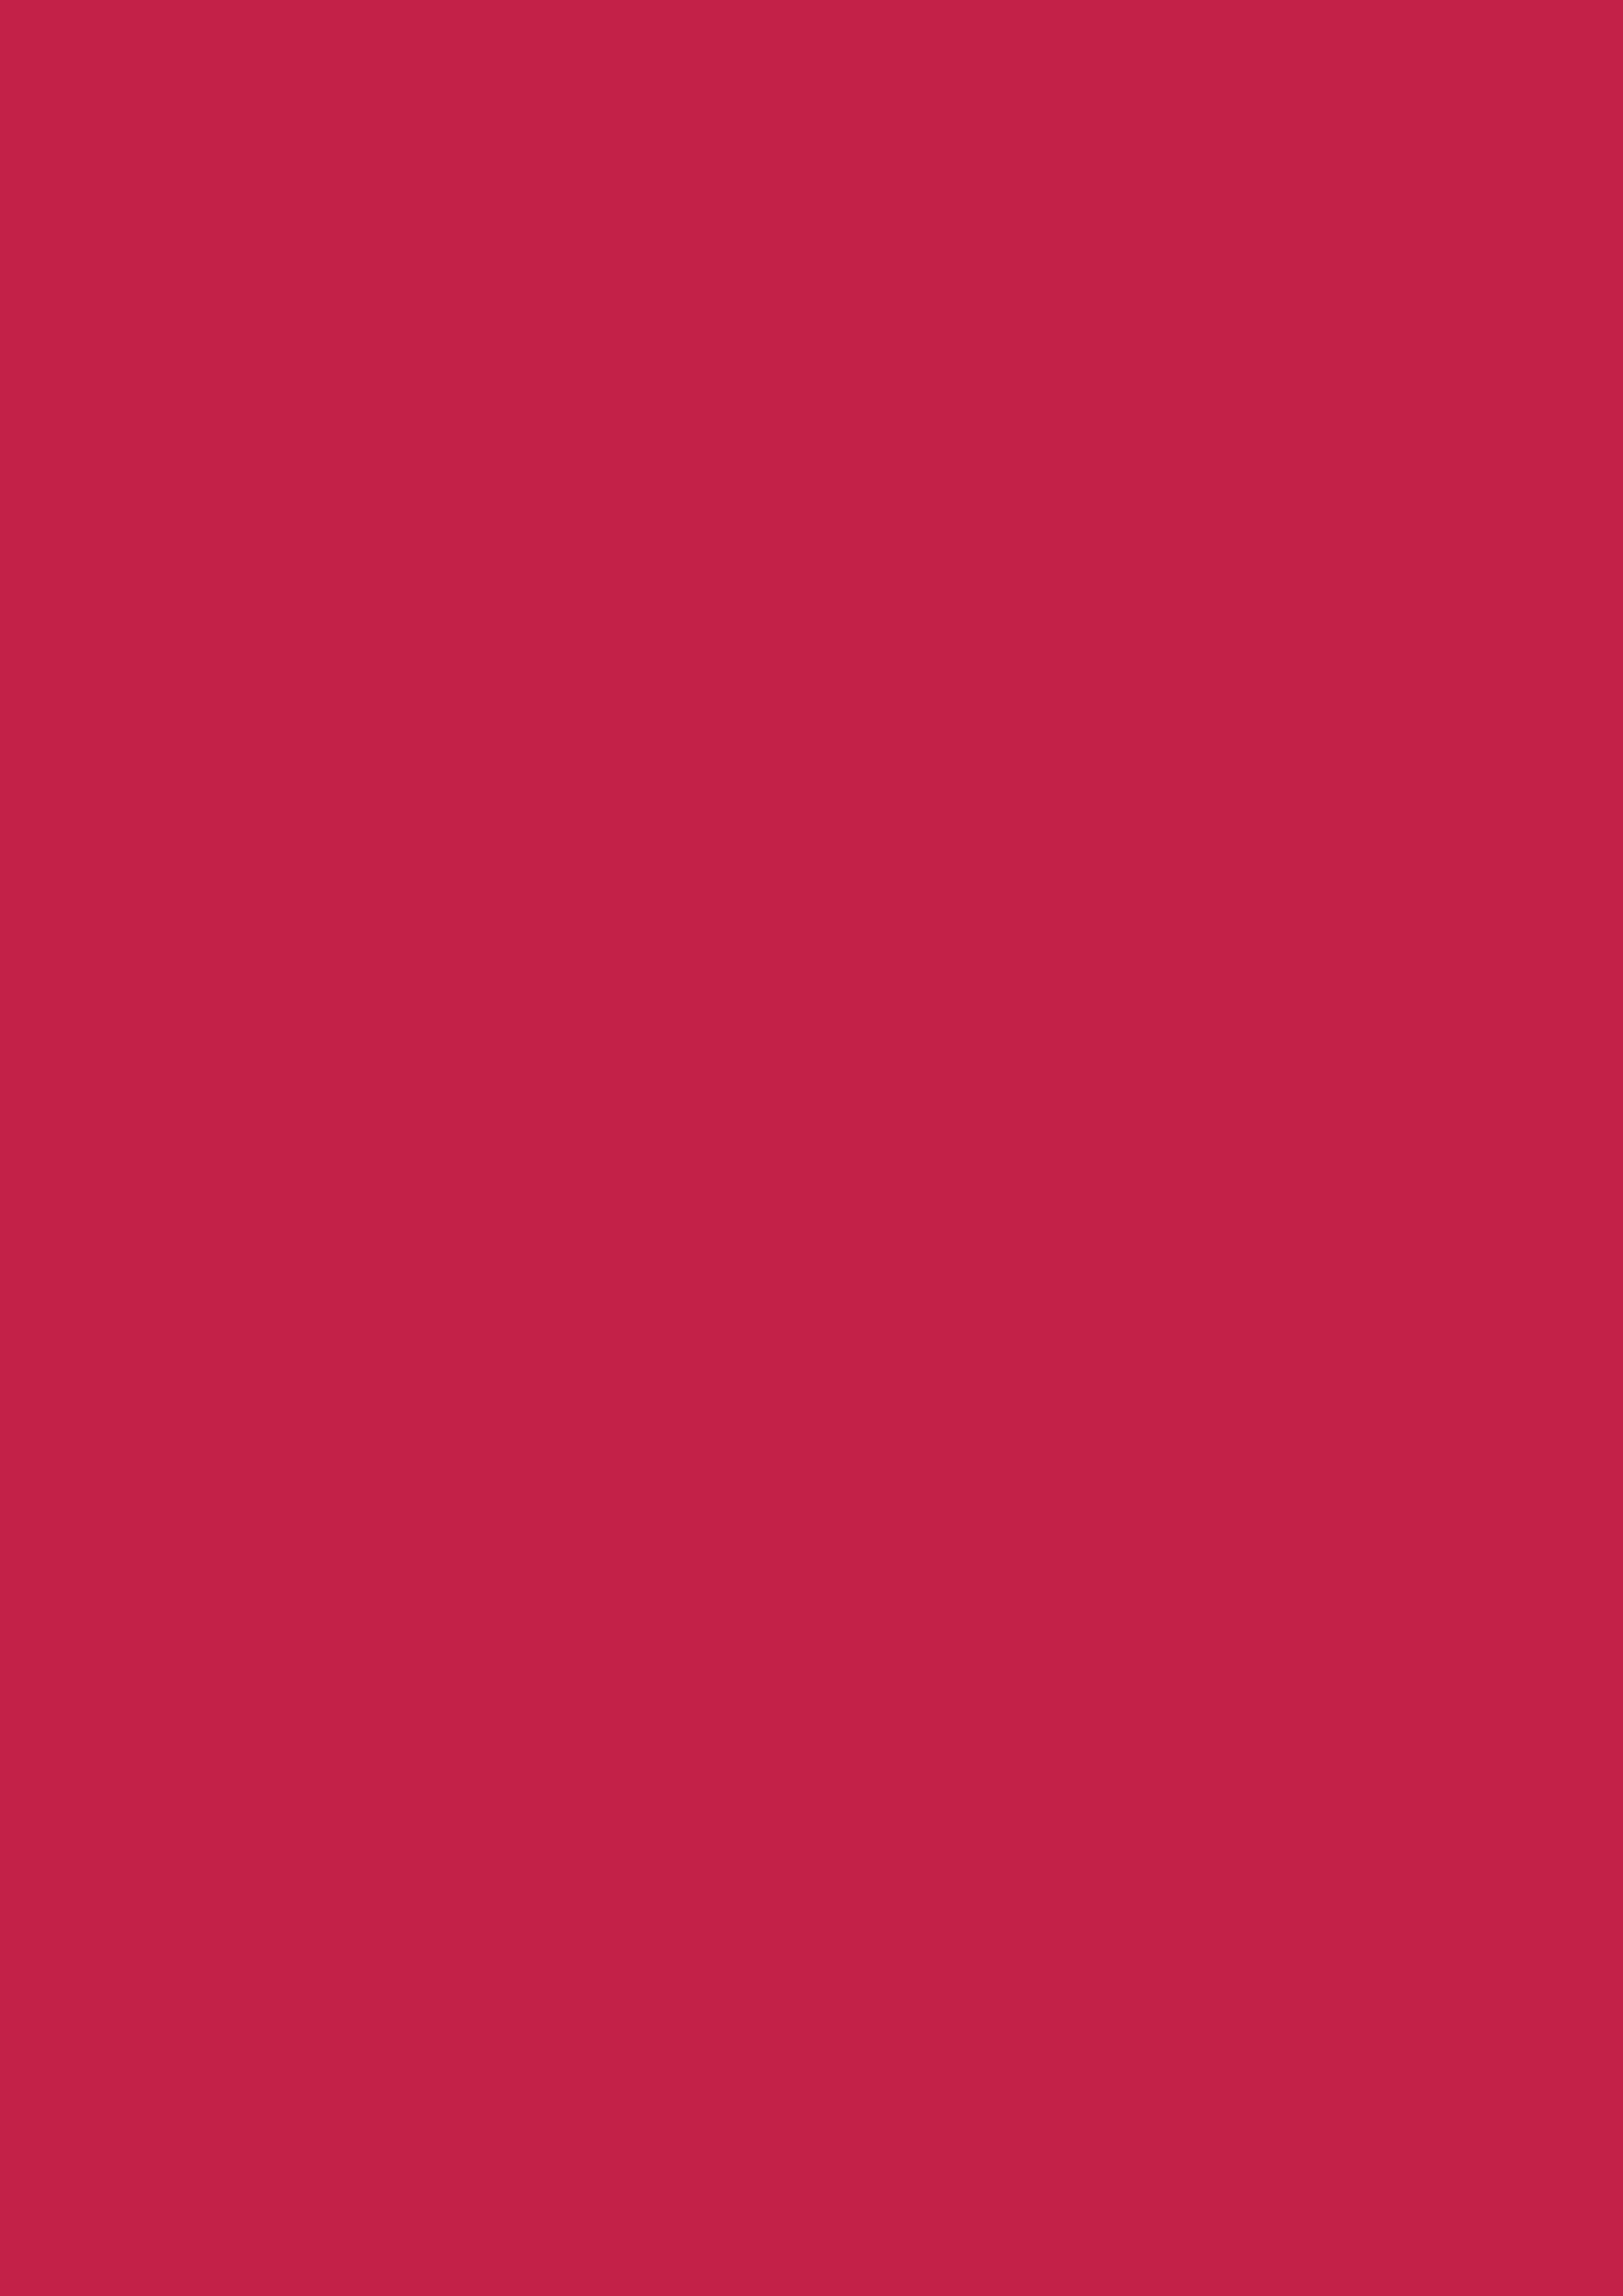 2480x3508 Maroon Crayola Solid Color Background